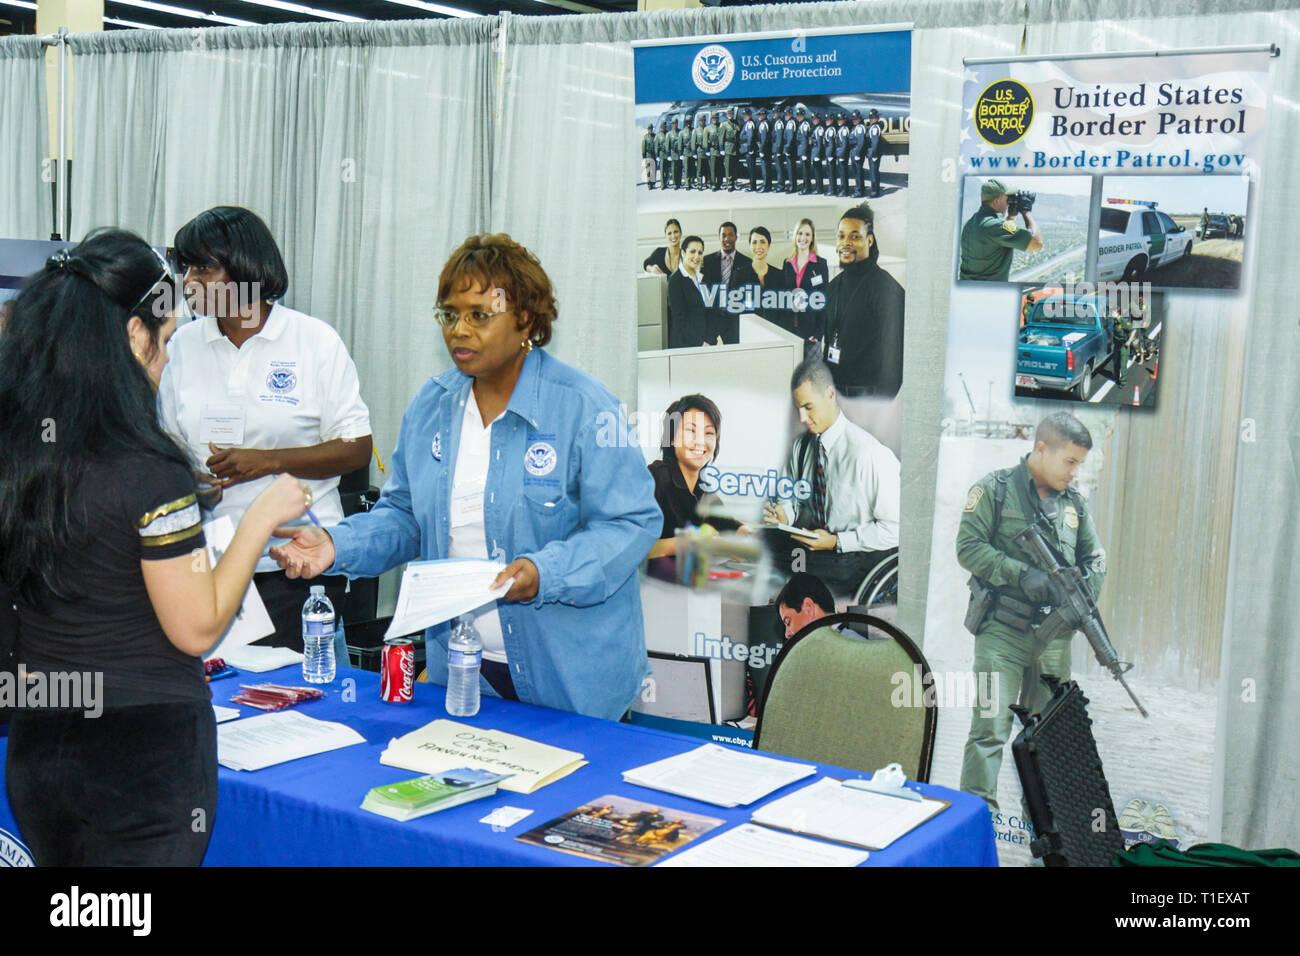 Miami Florida Job Fair carriera occupazione disoccupati datore di lavoro il reclutamento di affitto crisi economica booth Stati Uniti Pattuglia di Confine im Immagini Stock